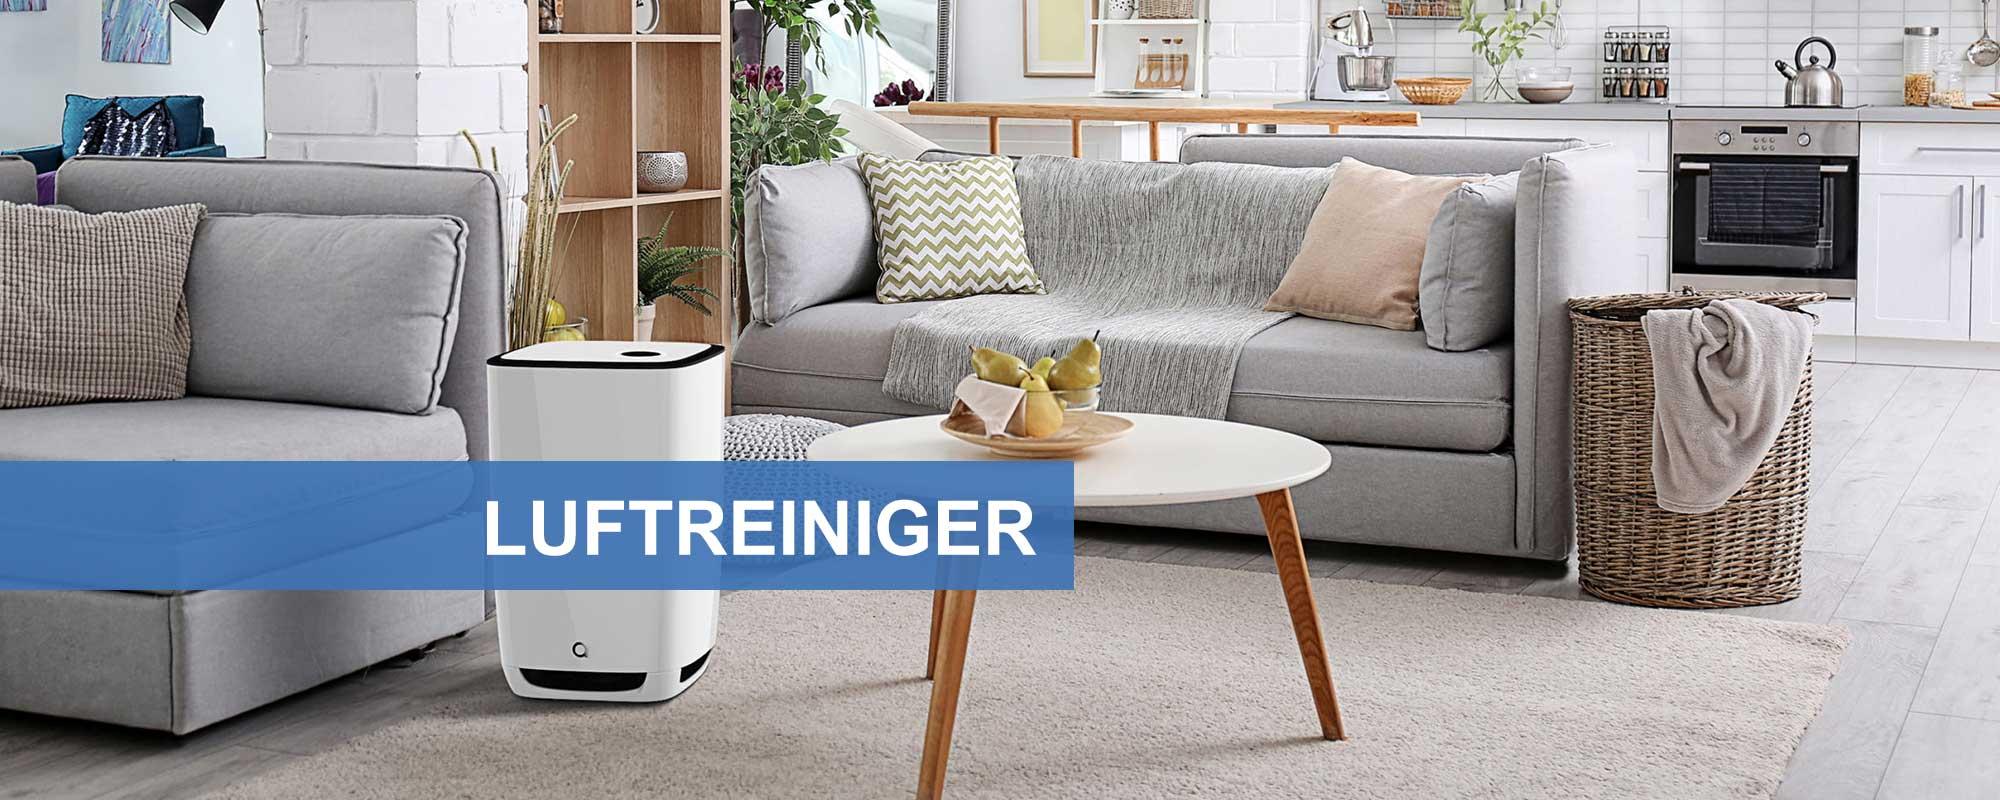 bagala-it-systemhaus-krefeld-duesseldorf-digital-signage-it-sicherheit-hardware-software-netzwerk-webdesign-it-gutachten-luftreinger3-1024x410